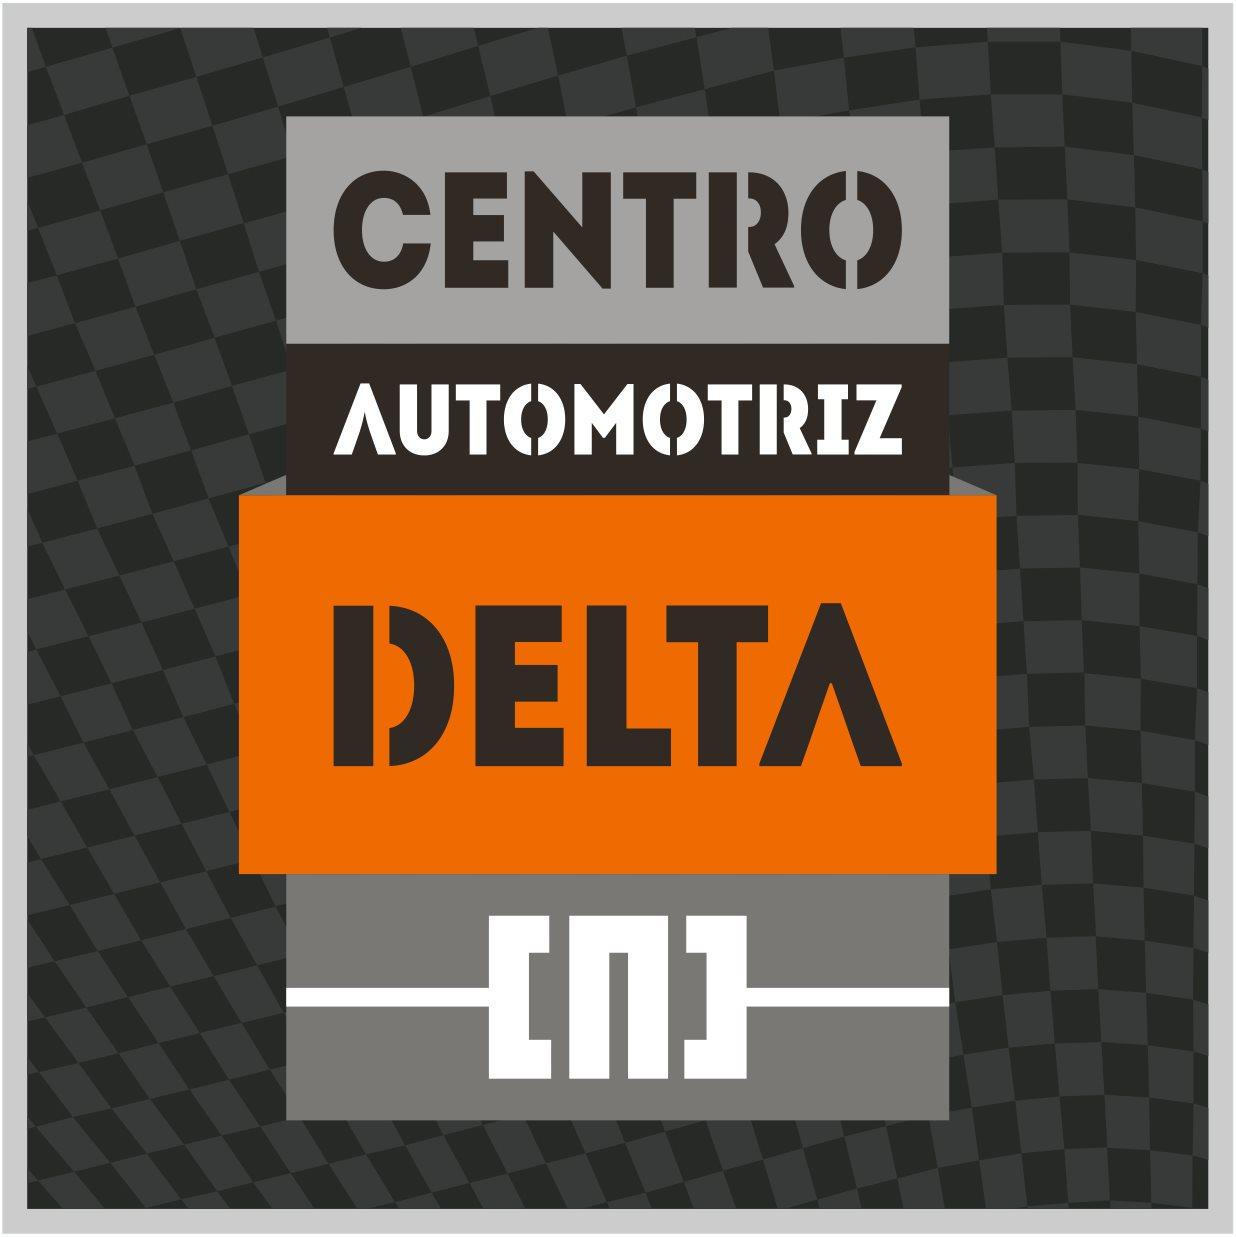 Centro Automotriz Delta, C.A.